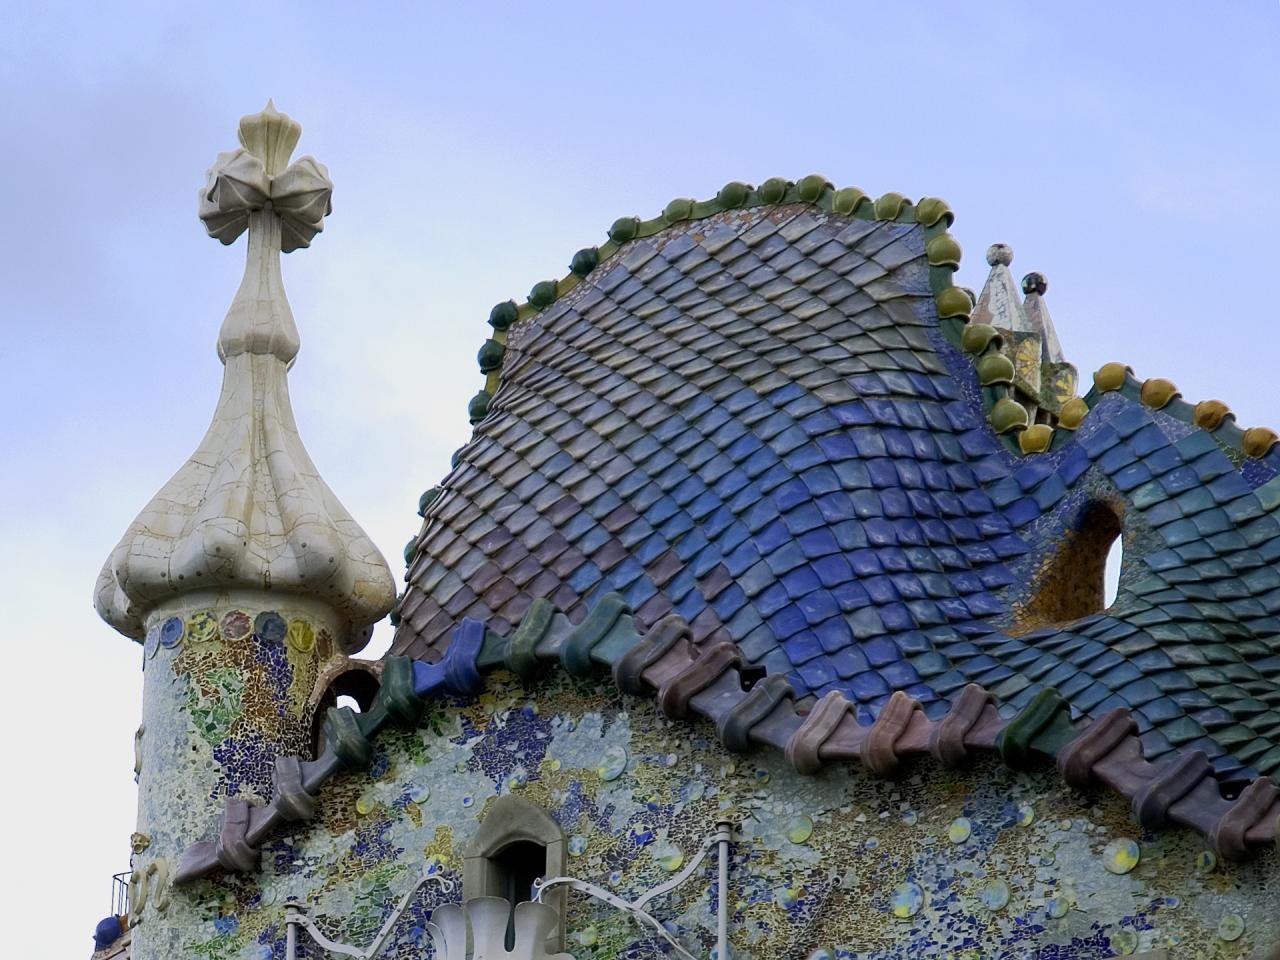 Roof-Tiles-Gaudi-Marcel-Germane.jpg